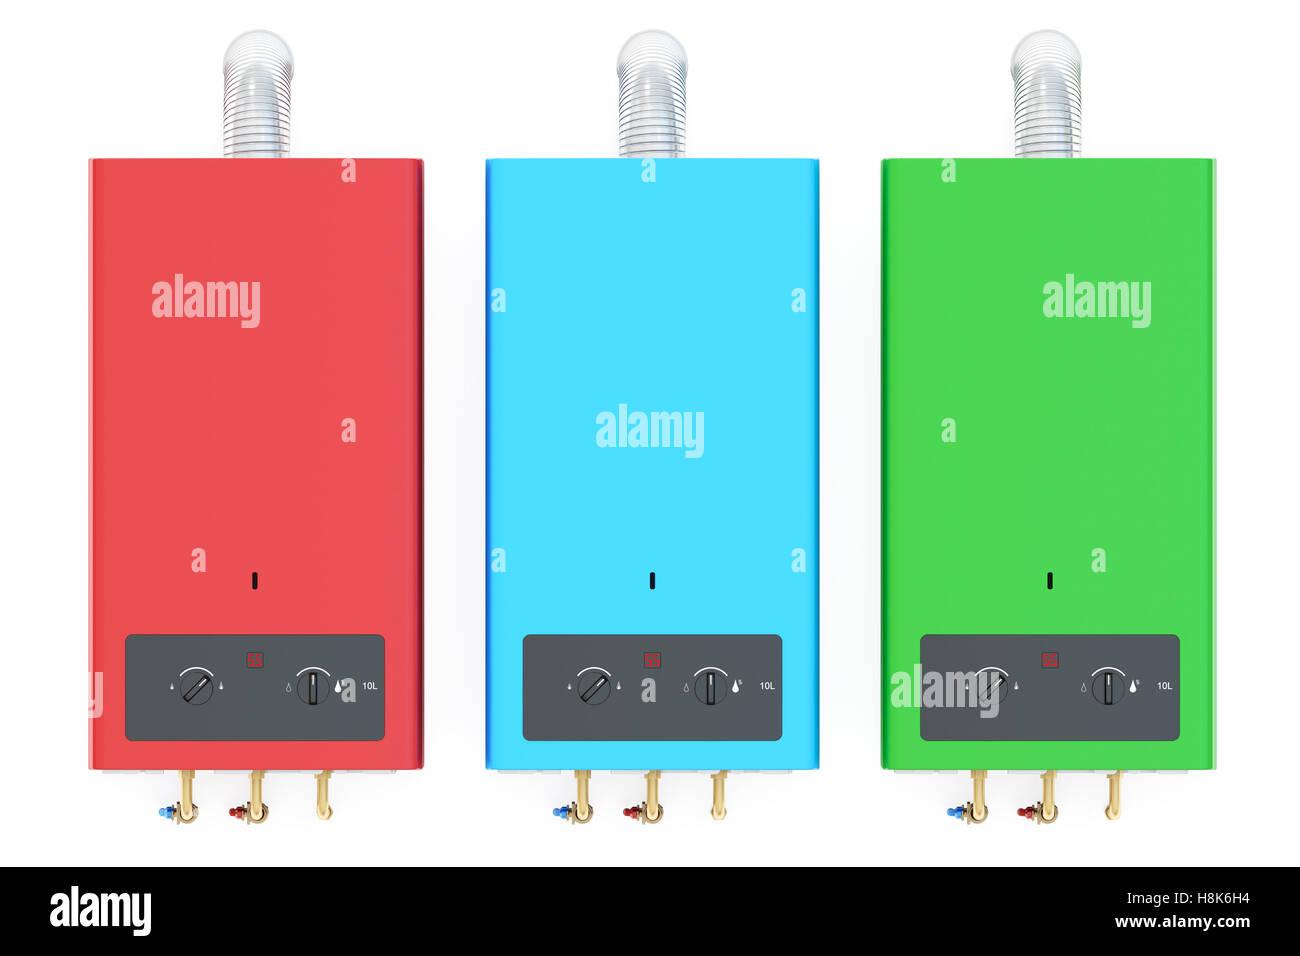 Conjunto de color inicio calderas de gas, calentadores de agua. 3D rendering aislado sobre fondo blanco. Imagen De Stock